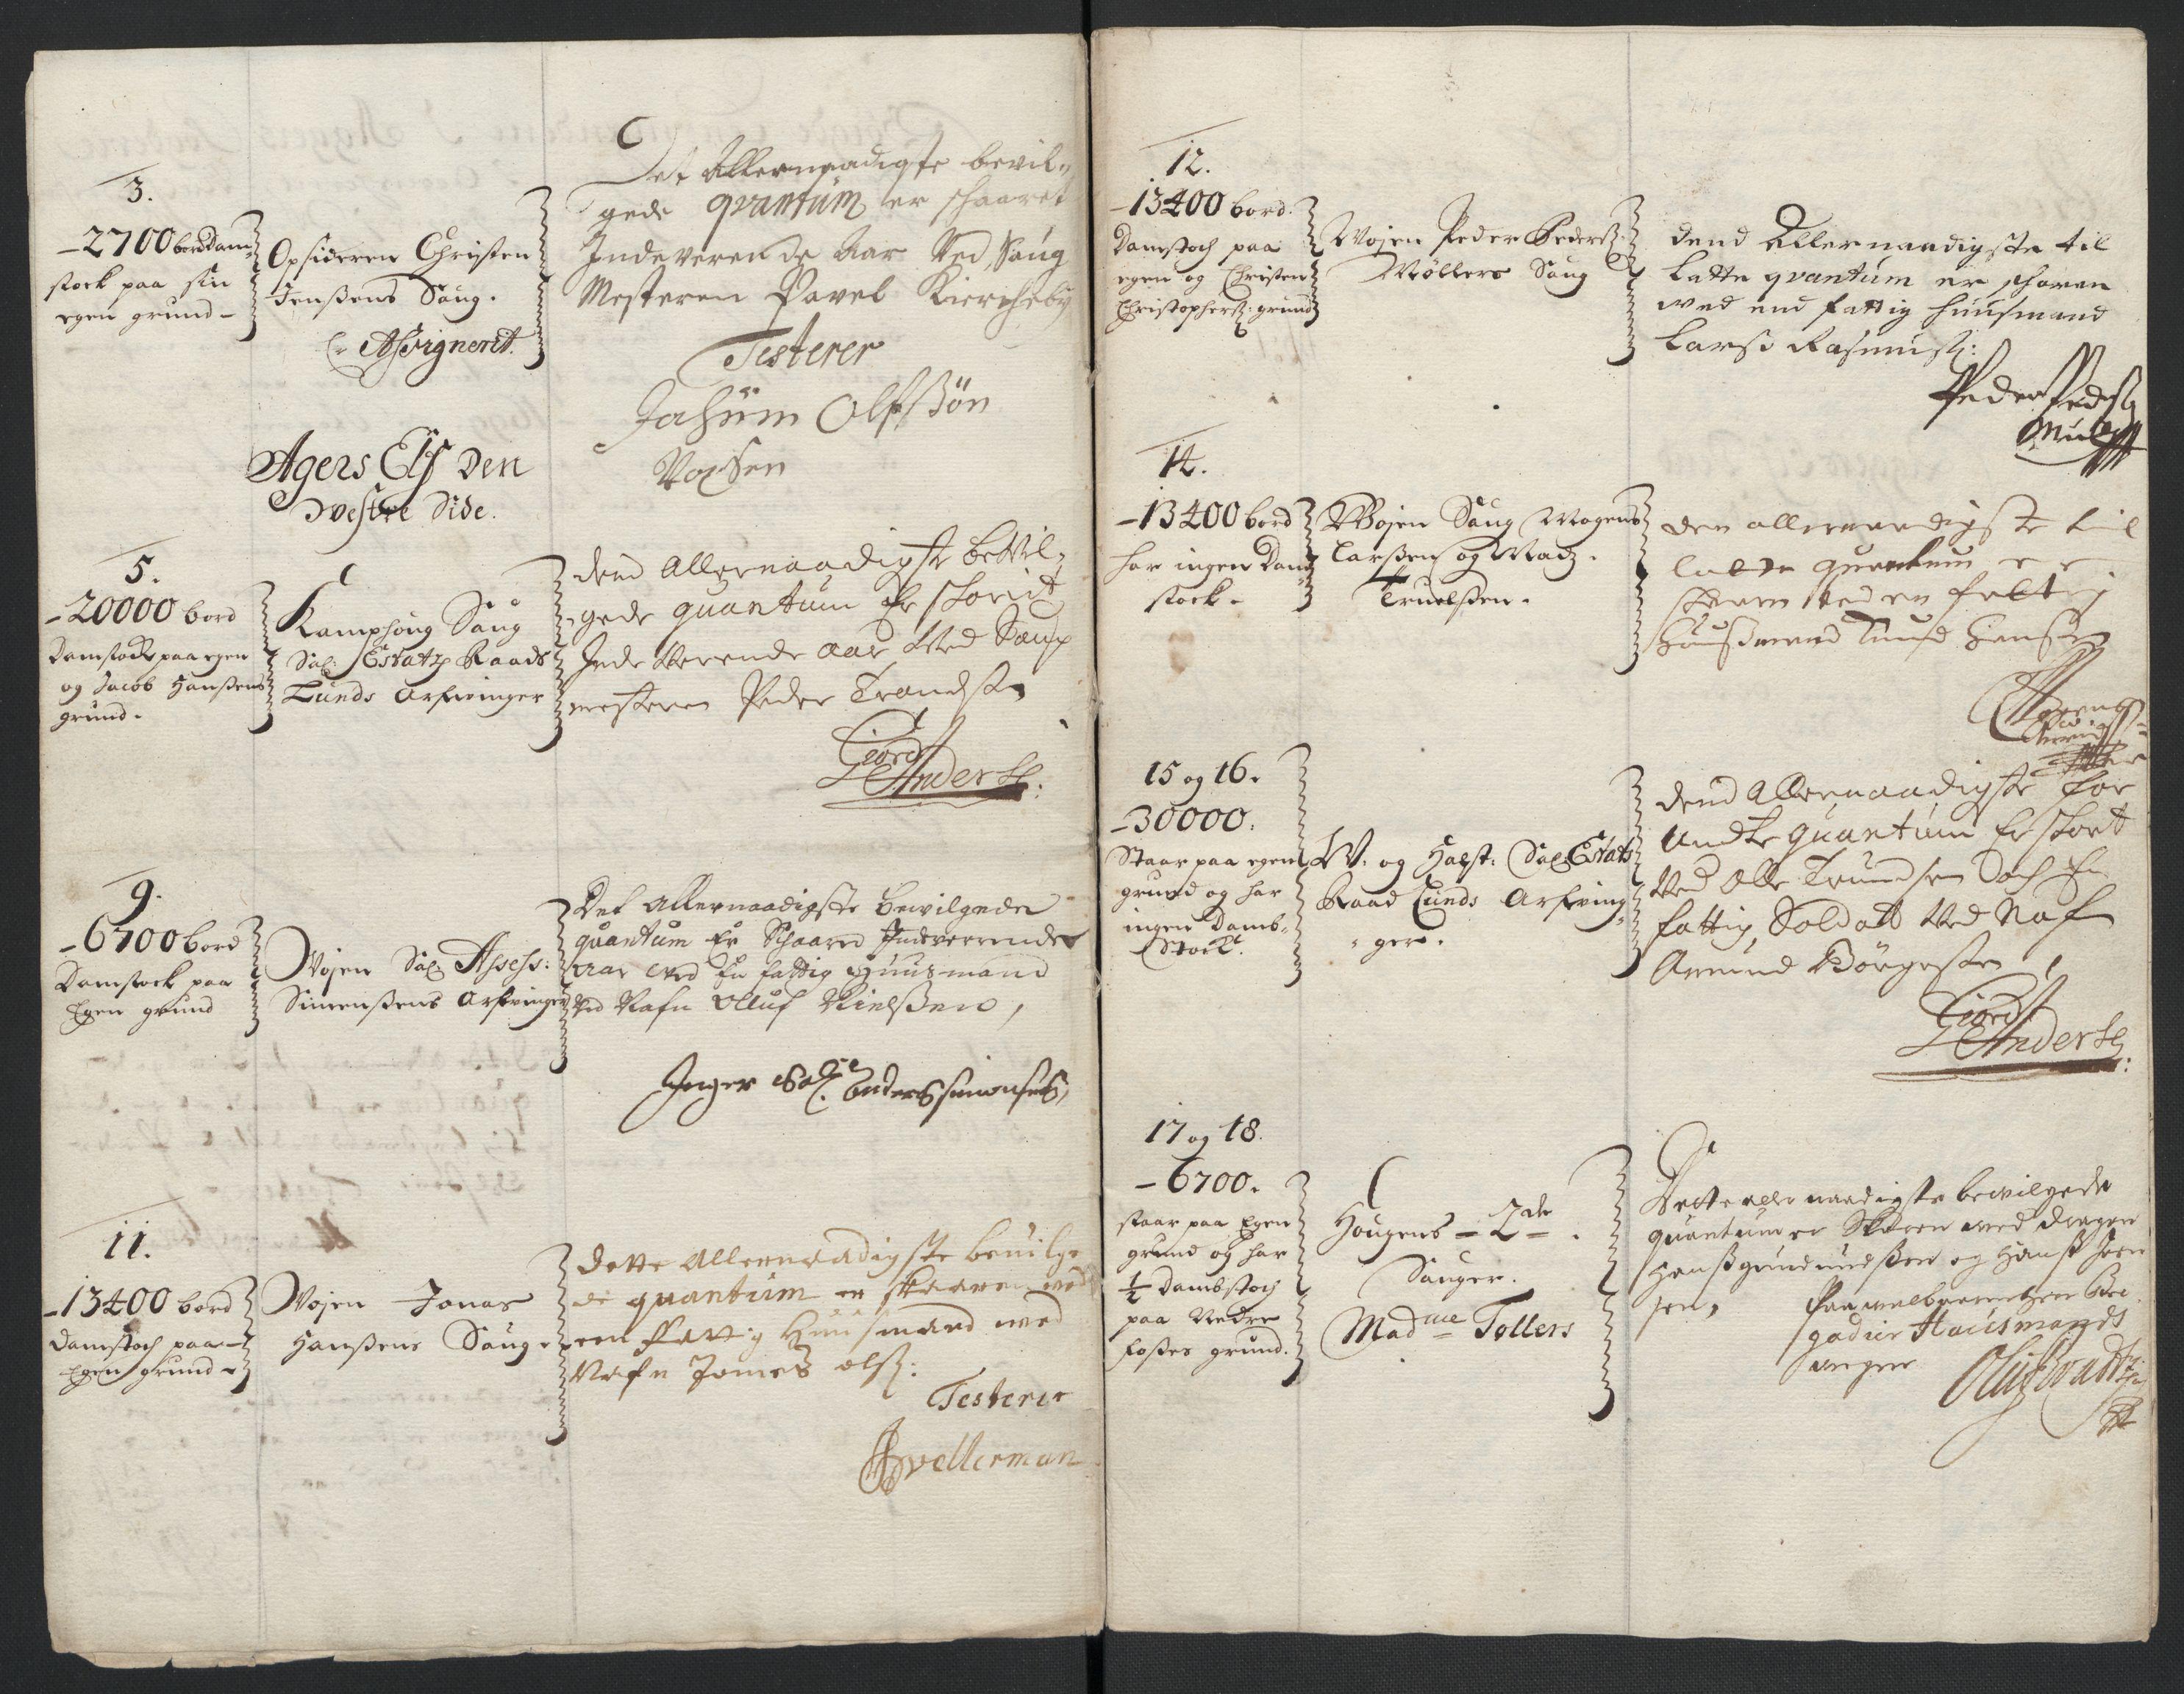 RA, Rentekammeret inntil 1814, Reviderte regnskaper, Fogderegnskap, R10/L0442: Fogderegnskap Aker og Follo, 1699, s. 205